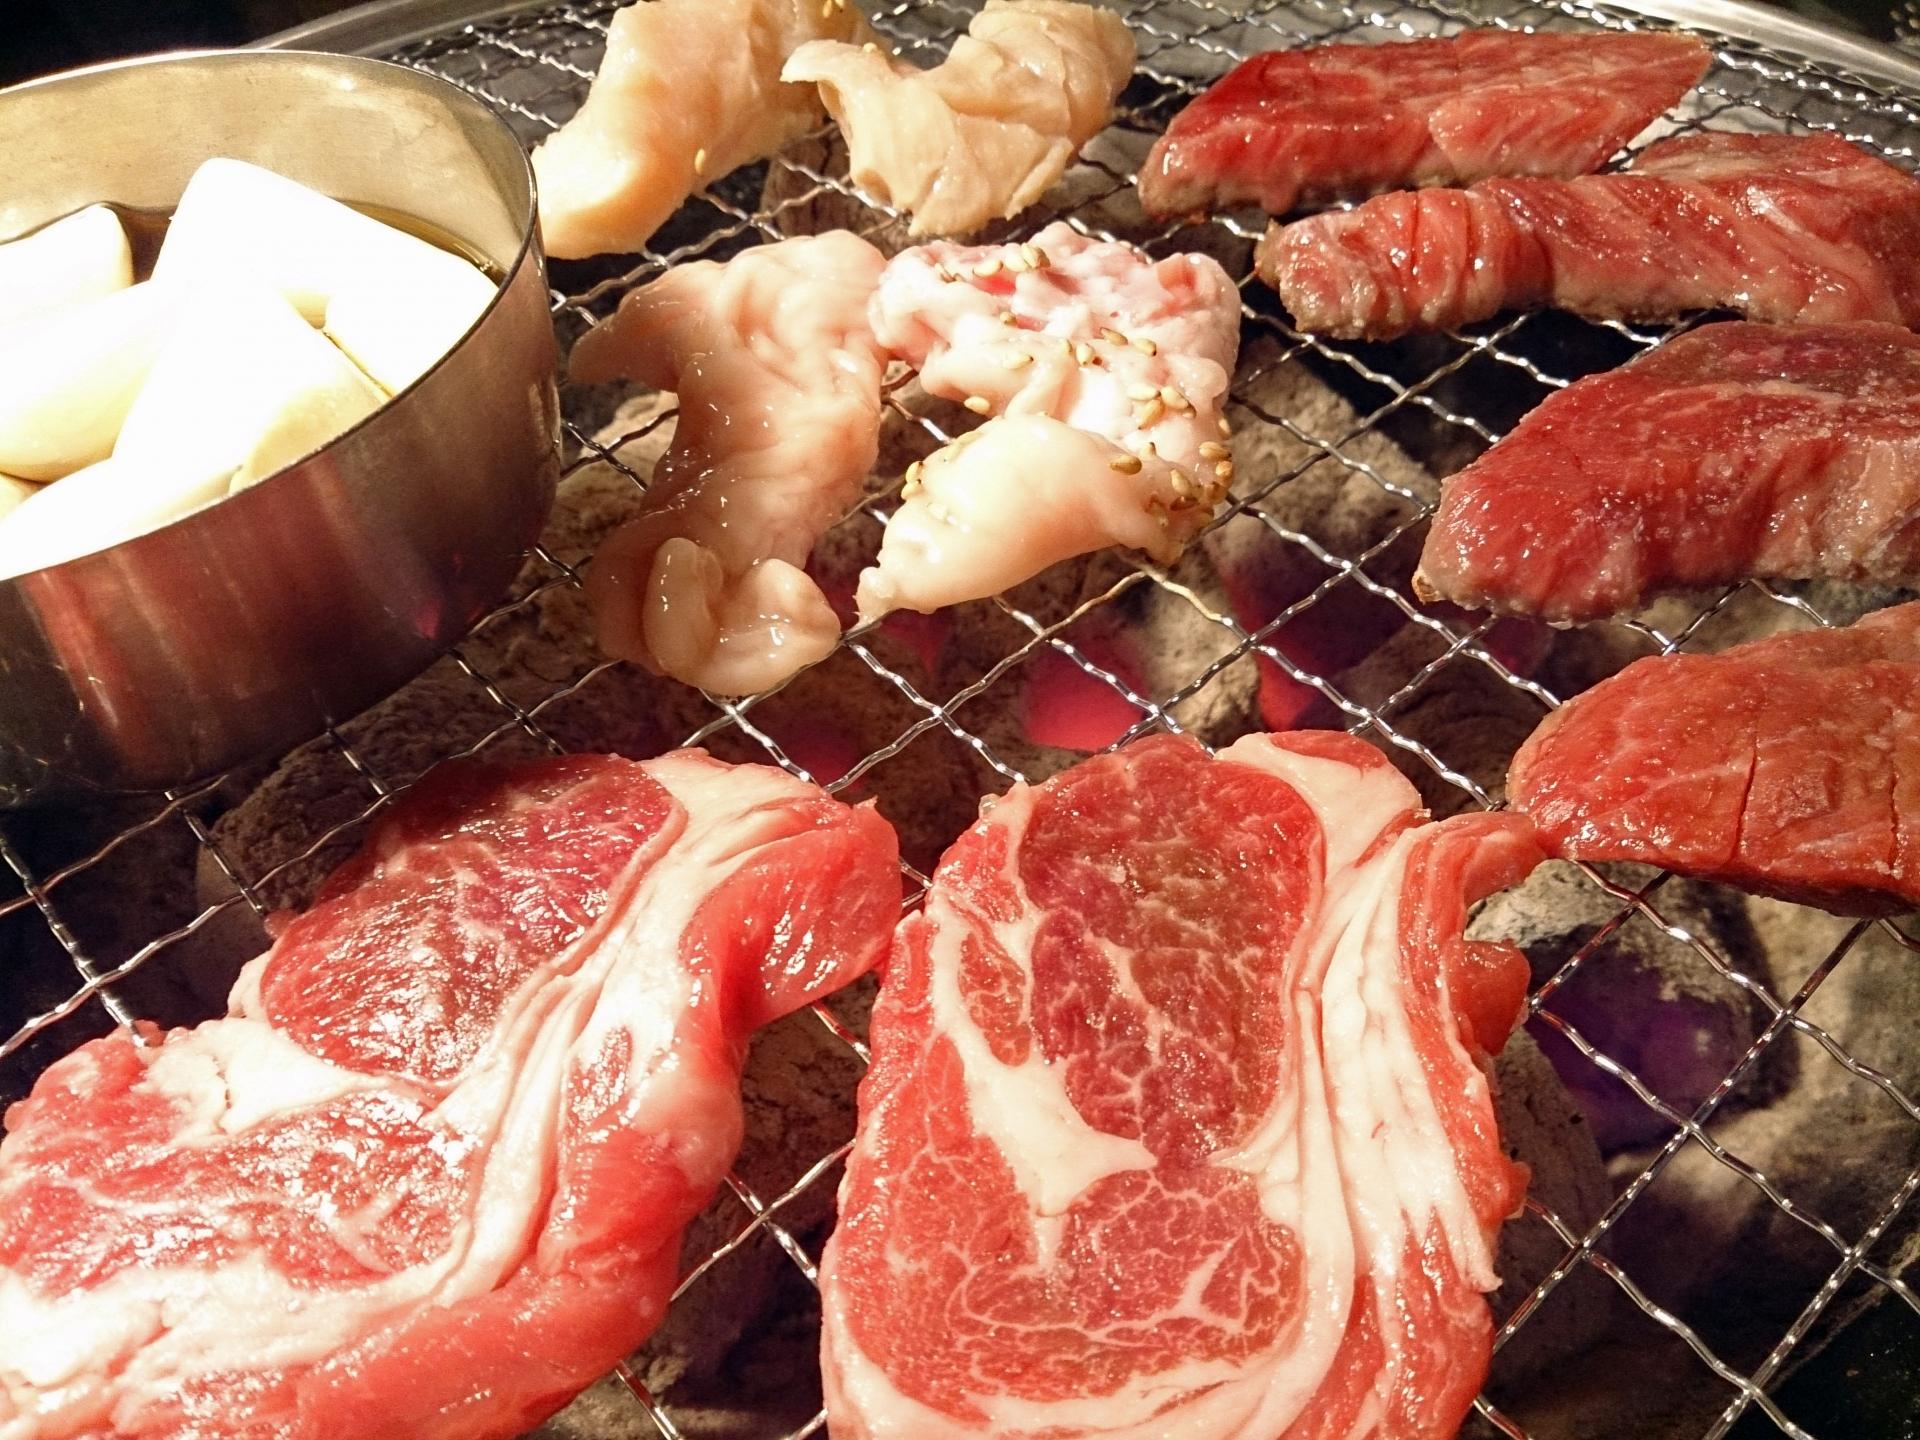 網の上で焼かれている赤身肉やホルモン